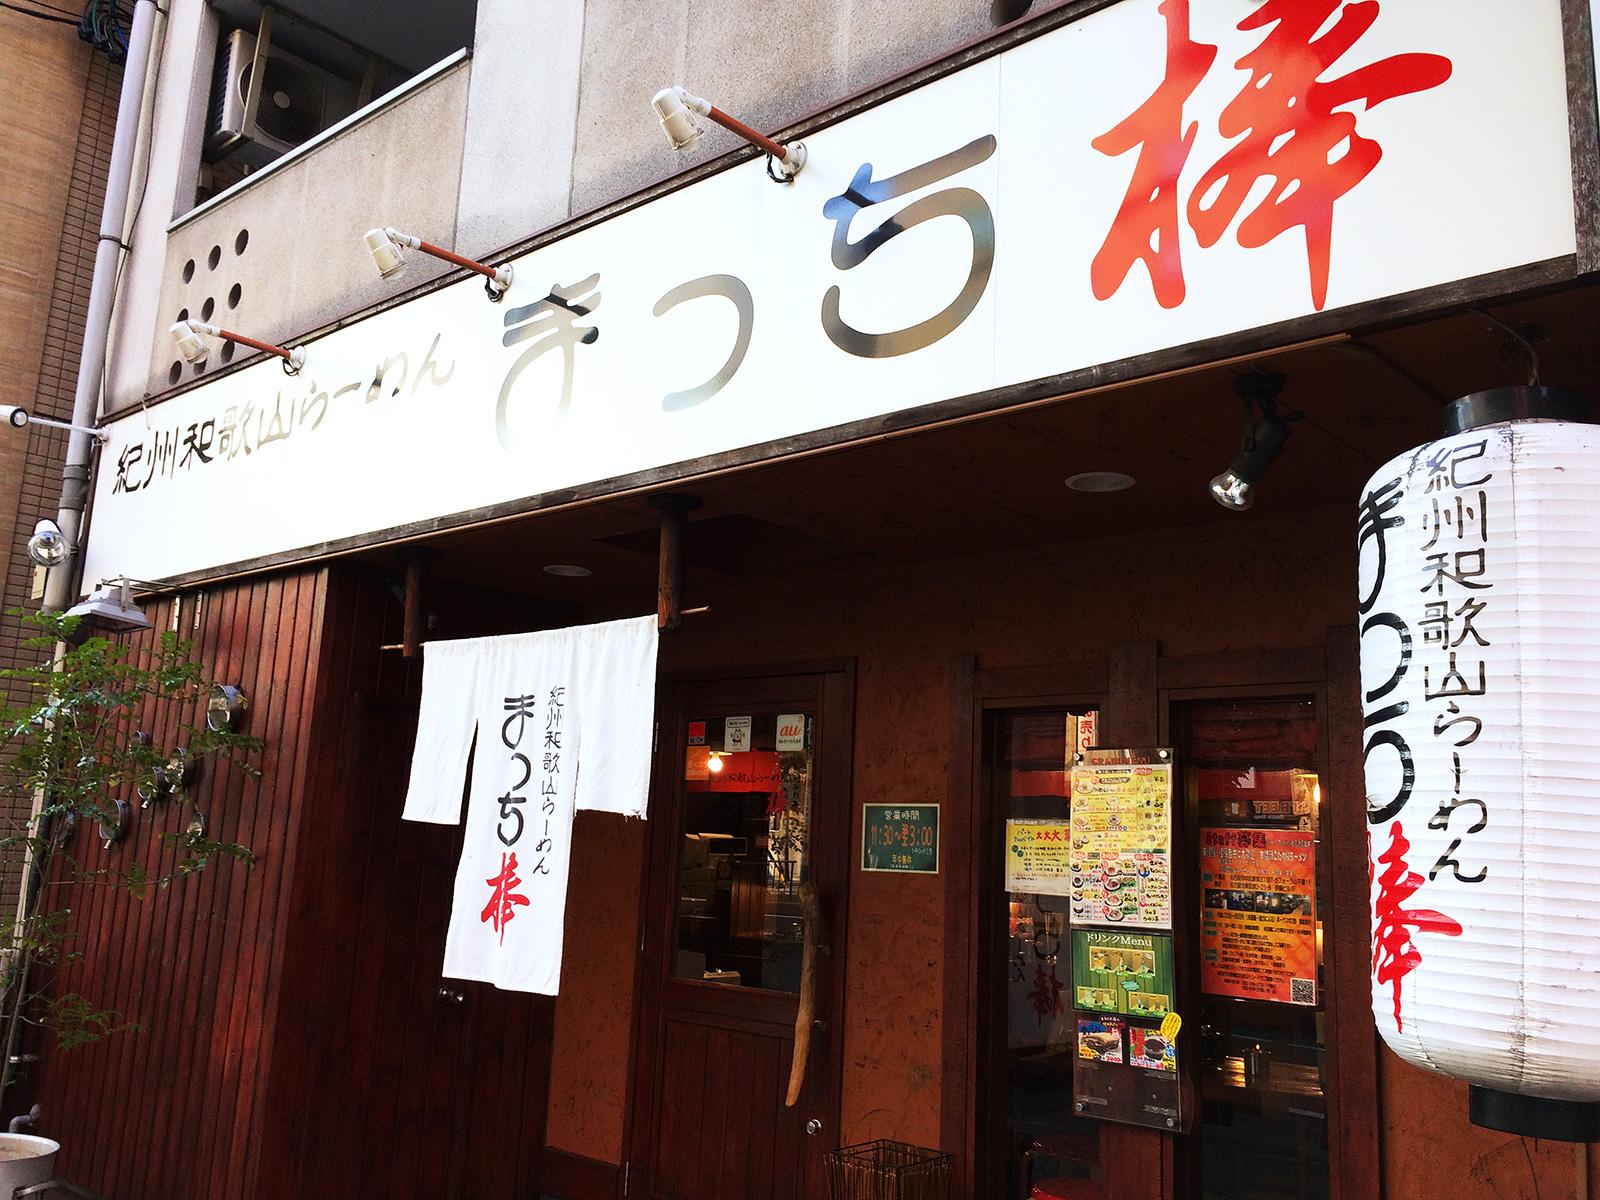 「和歌山ラーメン まっち棒 千種店」の和歌山らーめん源味 @千種